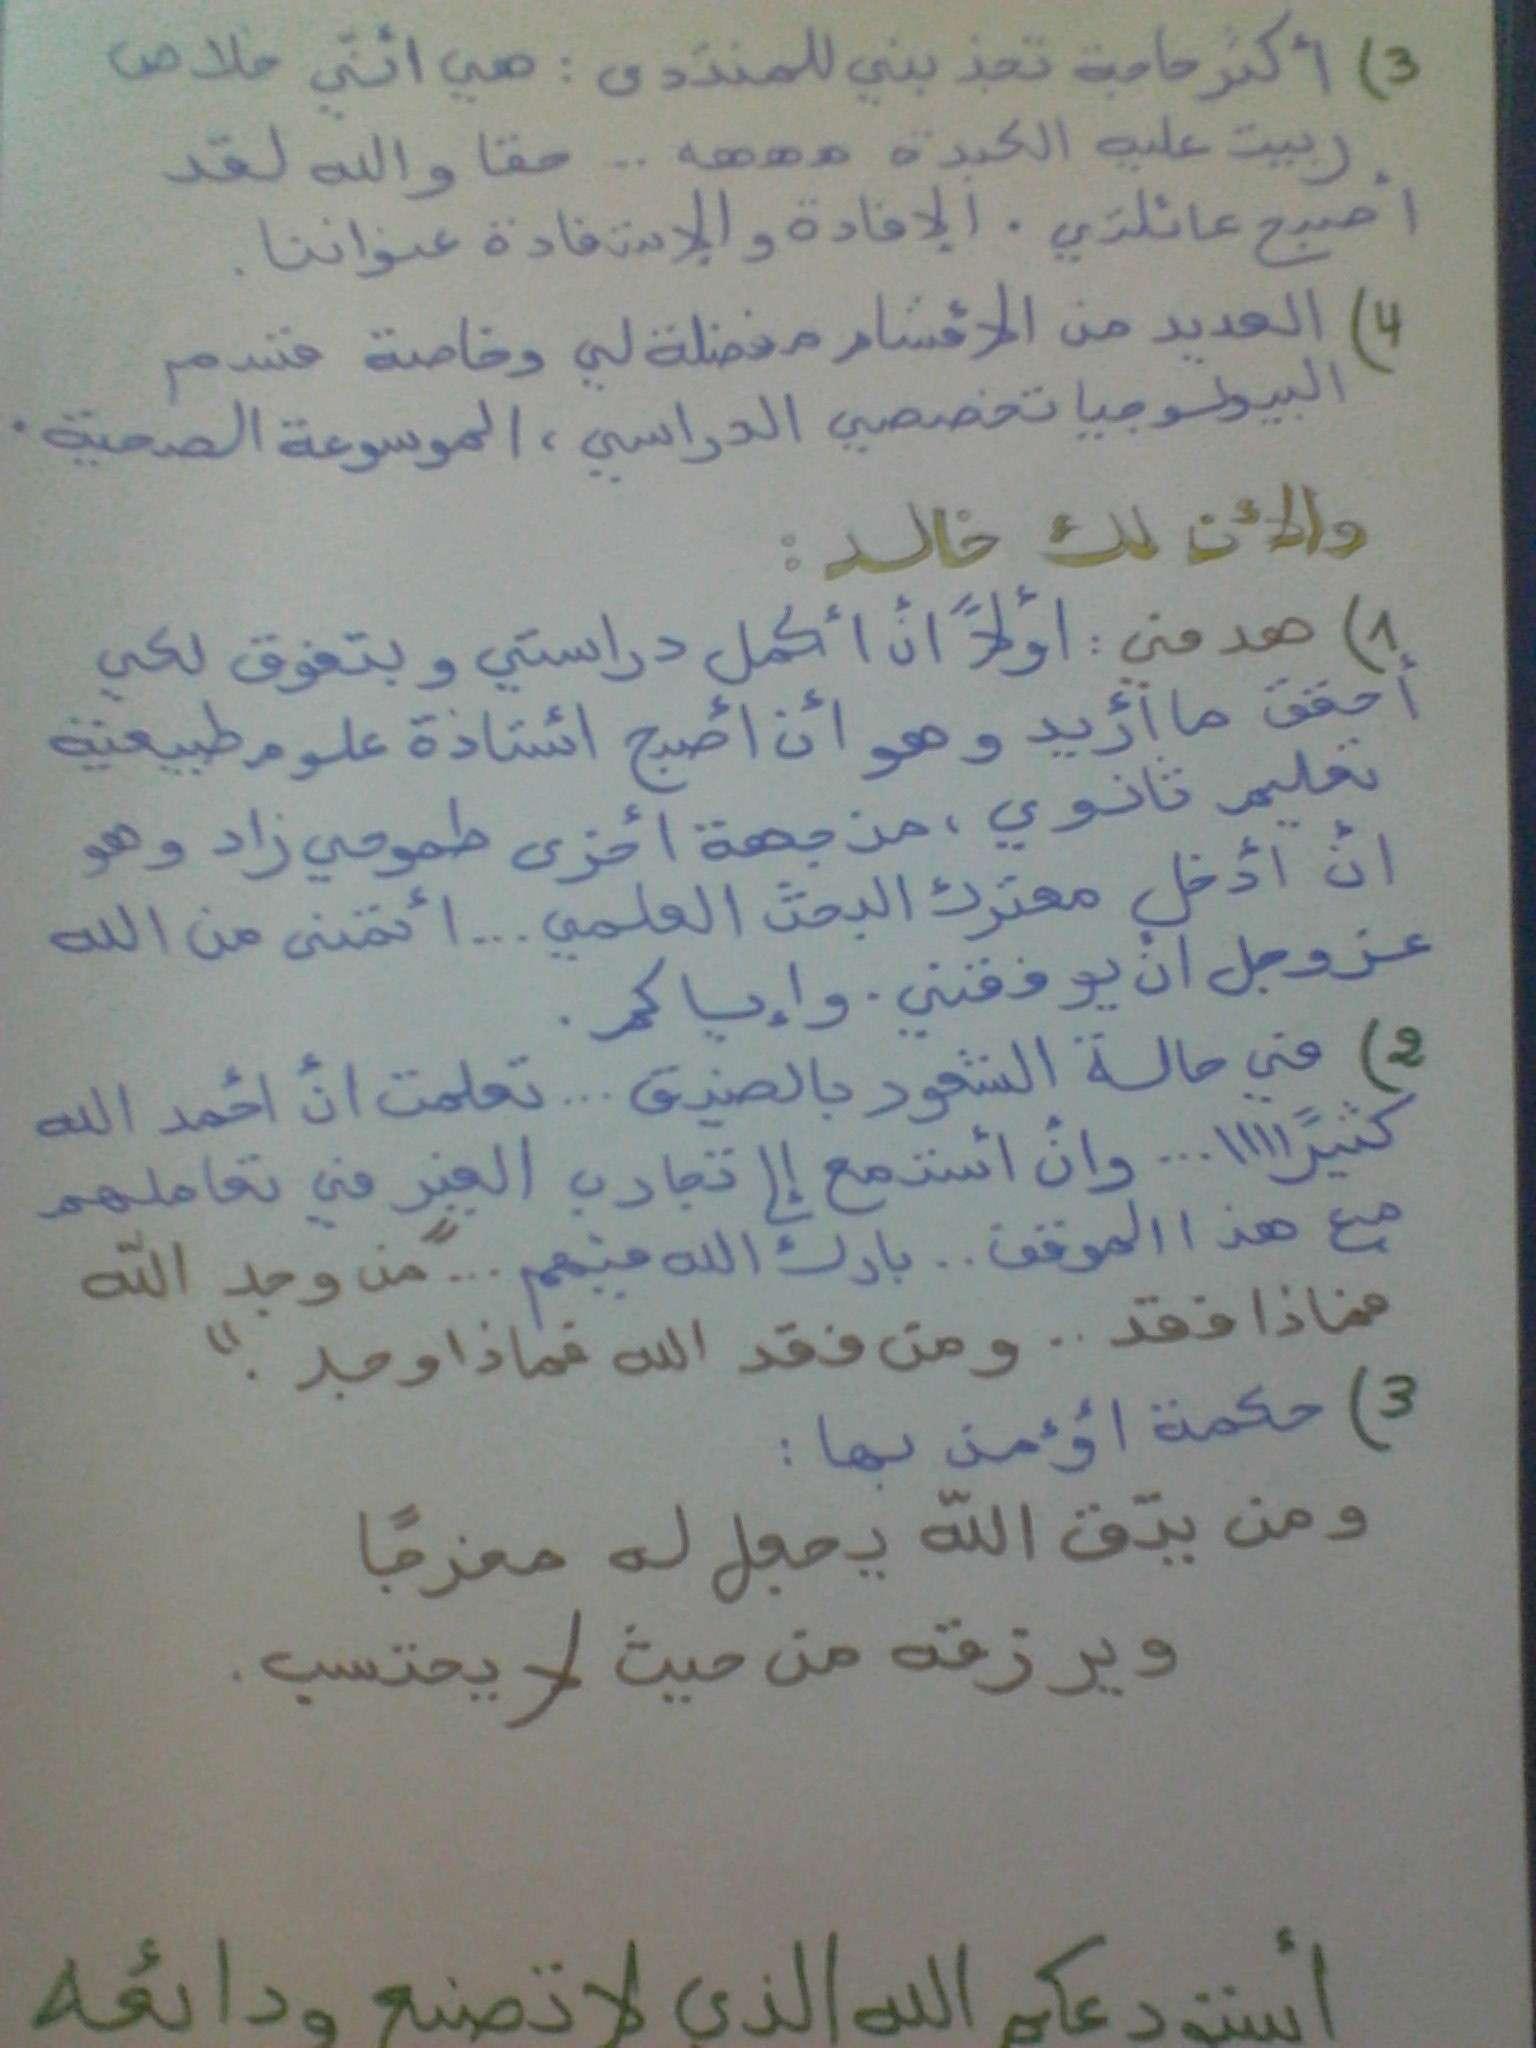 نجمة من نجمات المنتدى اليوم في كرسي الاعتراف 310